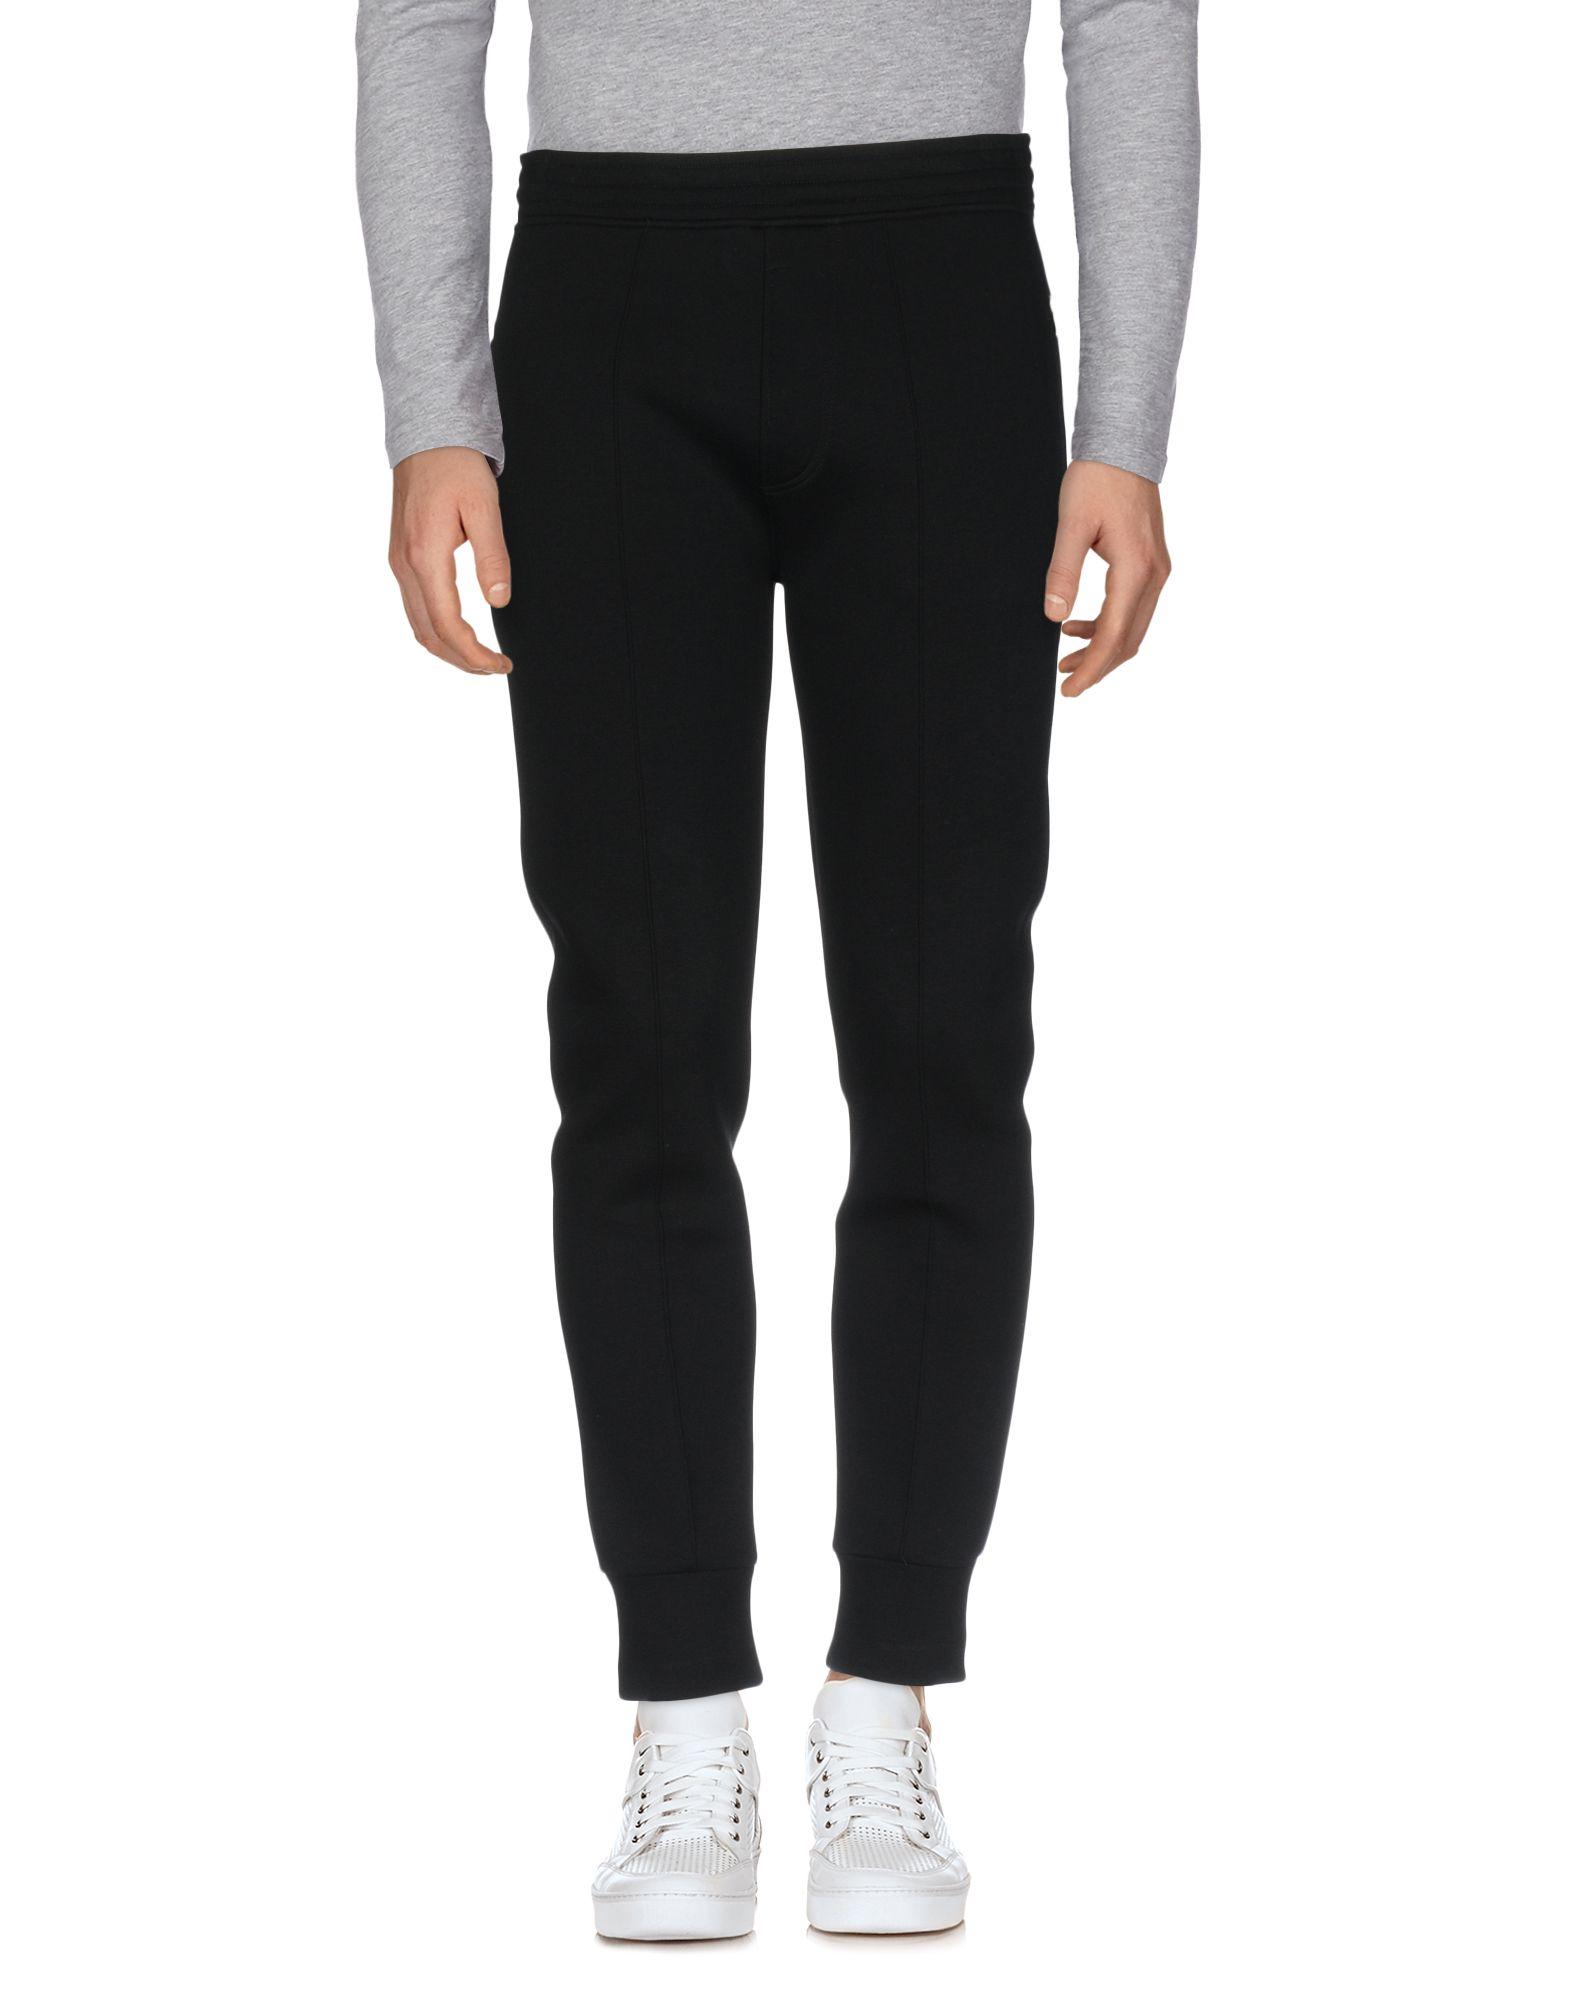 Pantalone Neil Barrett Uomo - Acquista online su